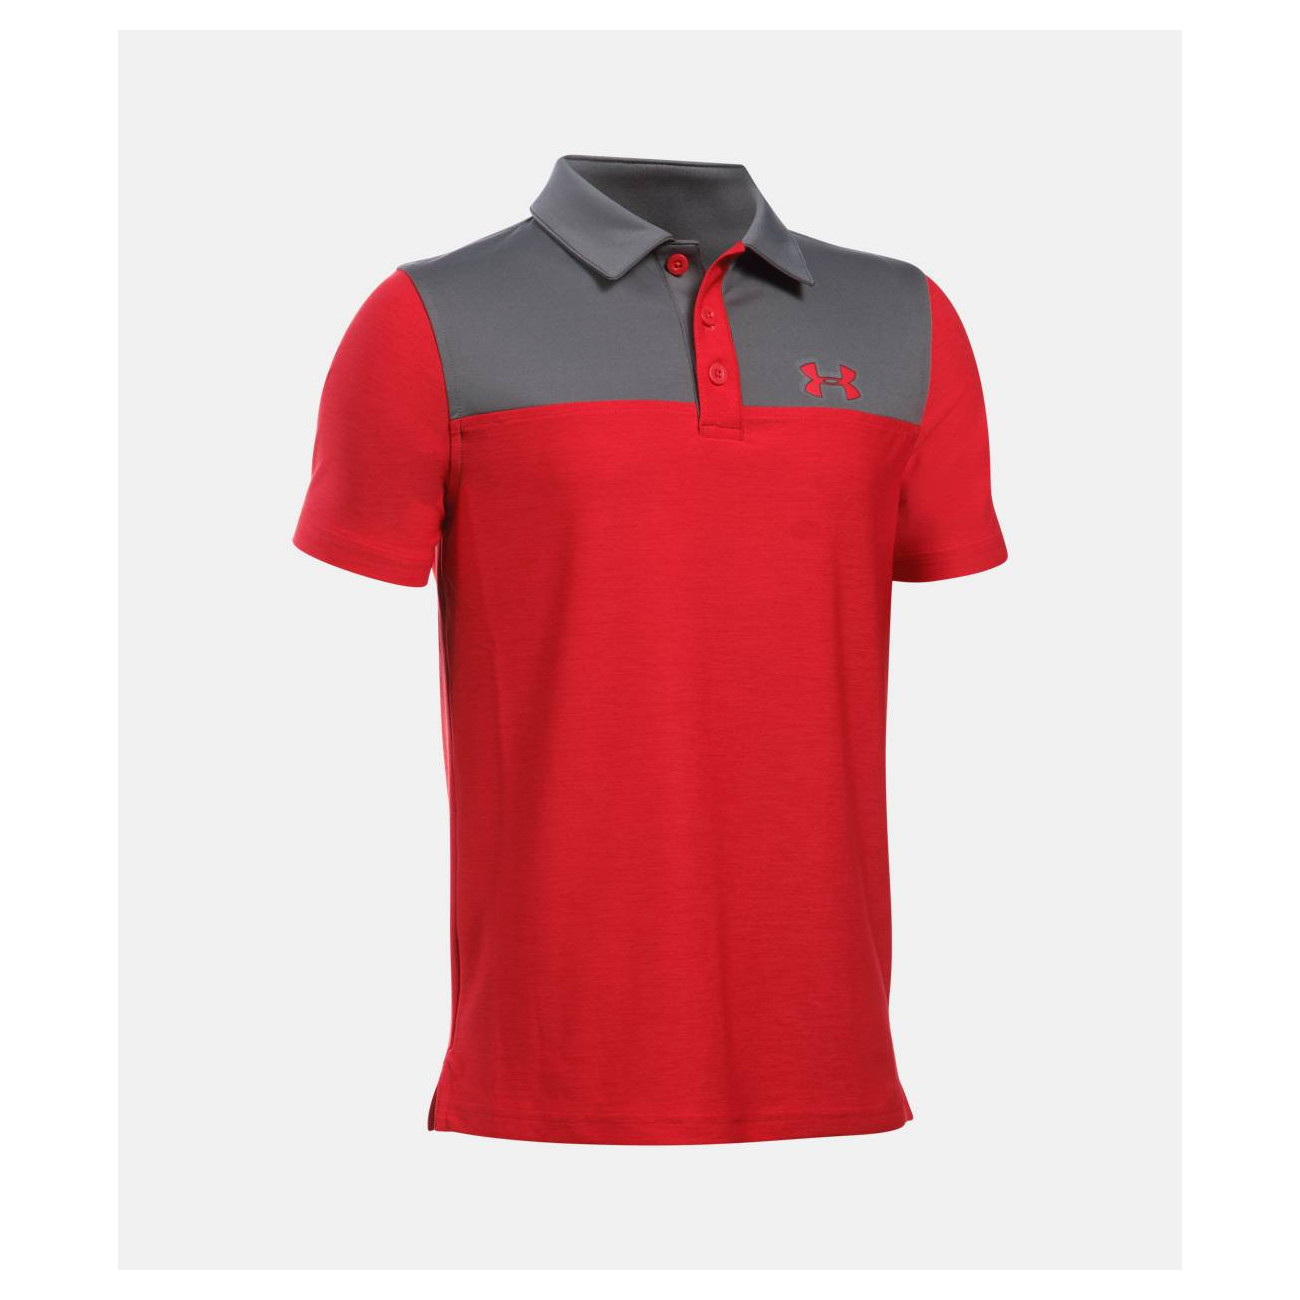 0e90e2f23 UnderArmour Match Play Blocked Junior Polo Shirt - O'Dwyers Golf Store